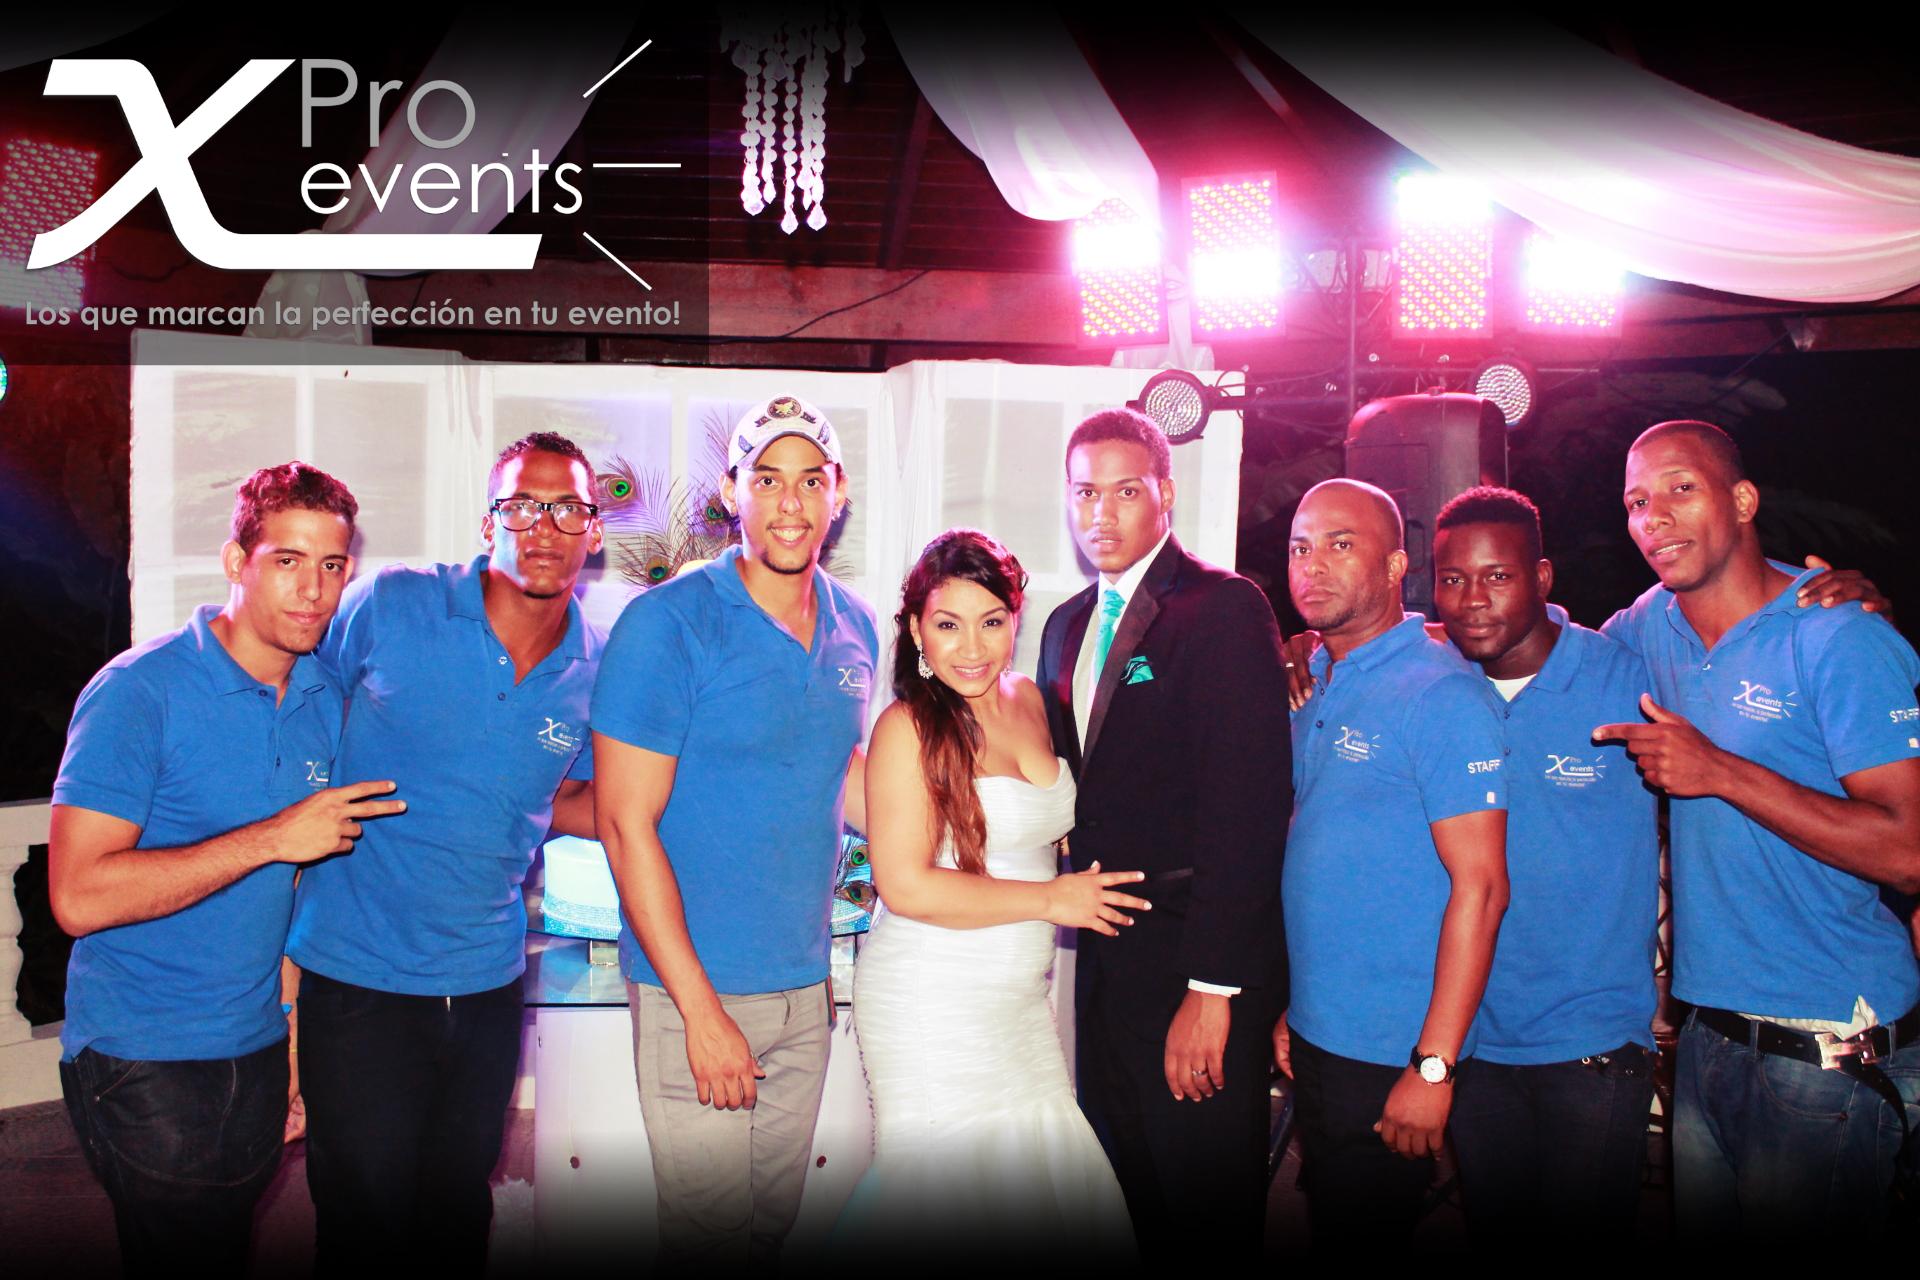 www.Xproevents.com - Parejas super agradecidas con nuestros servicios.JPG